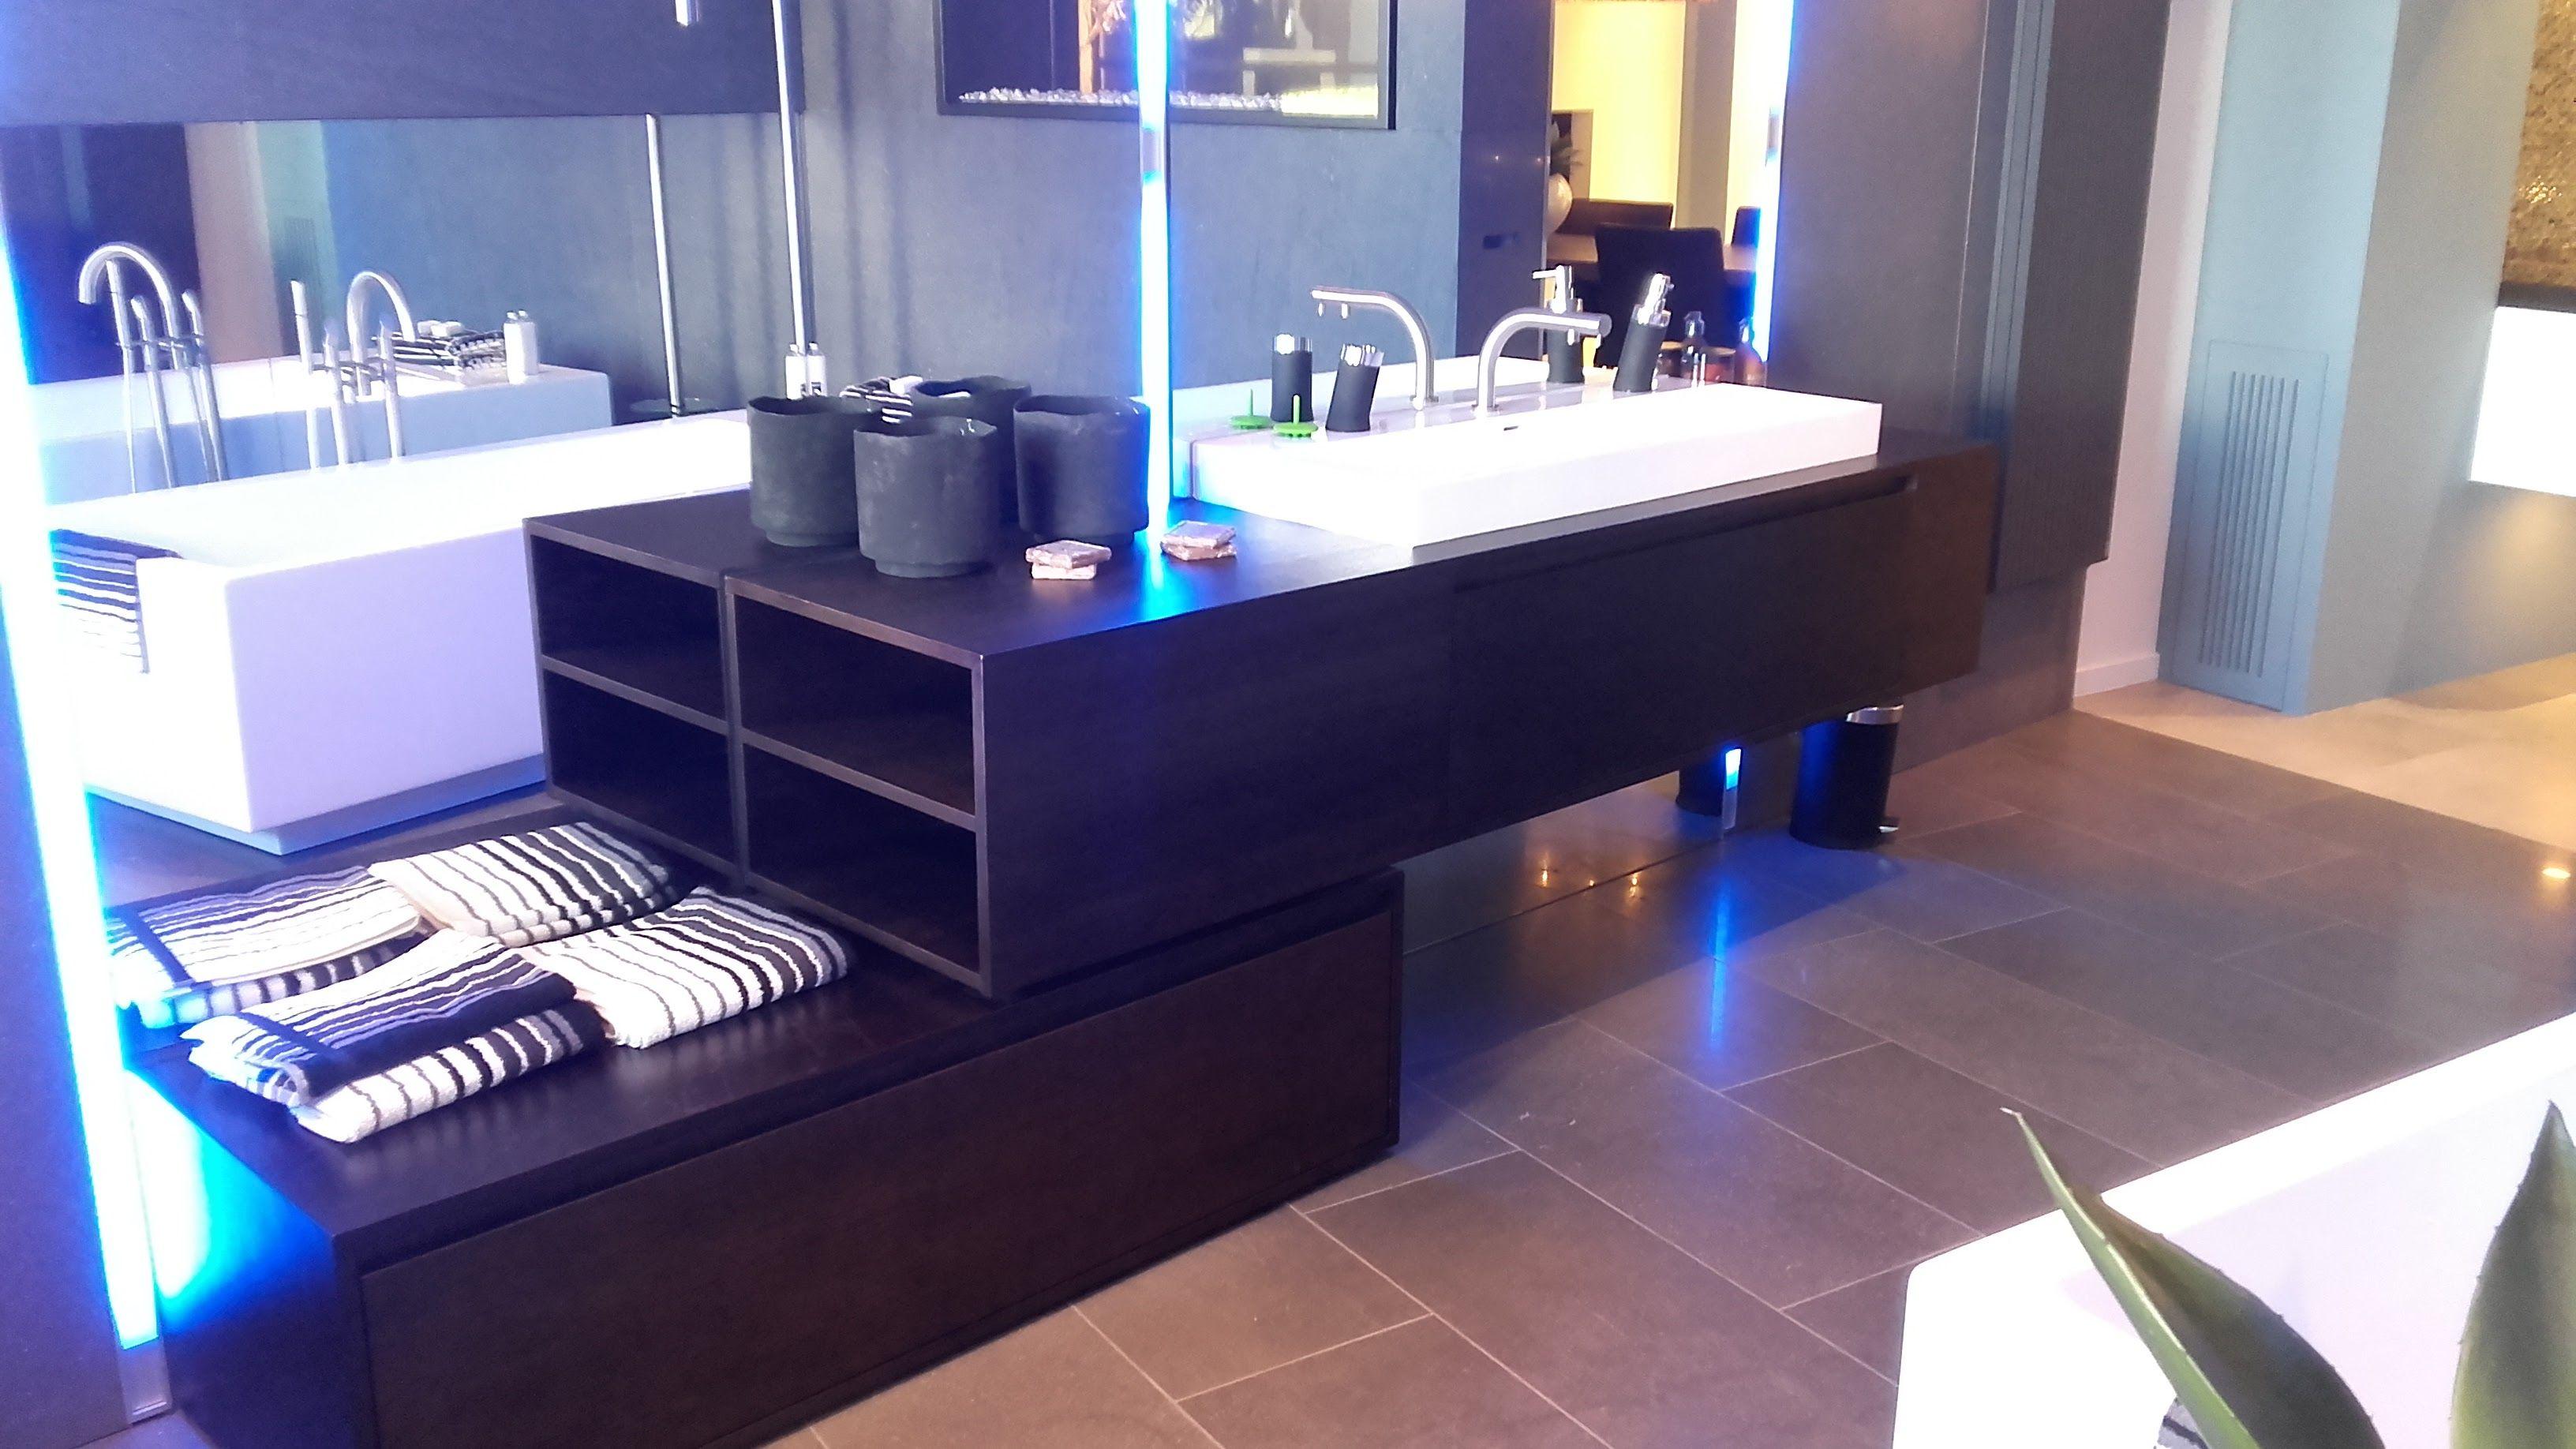 Meubel Showroom Uitverkoop : Showroomuitverkoop maatwerk wastafel meubel